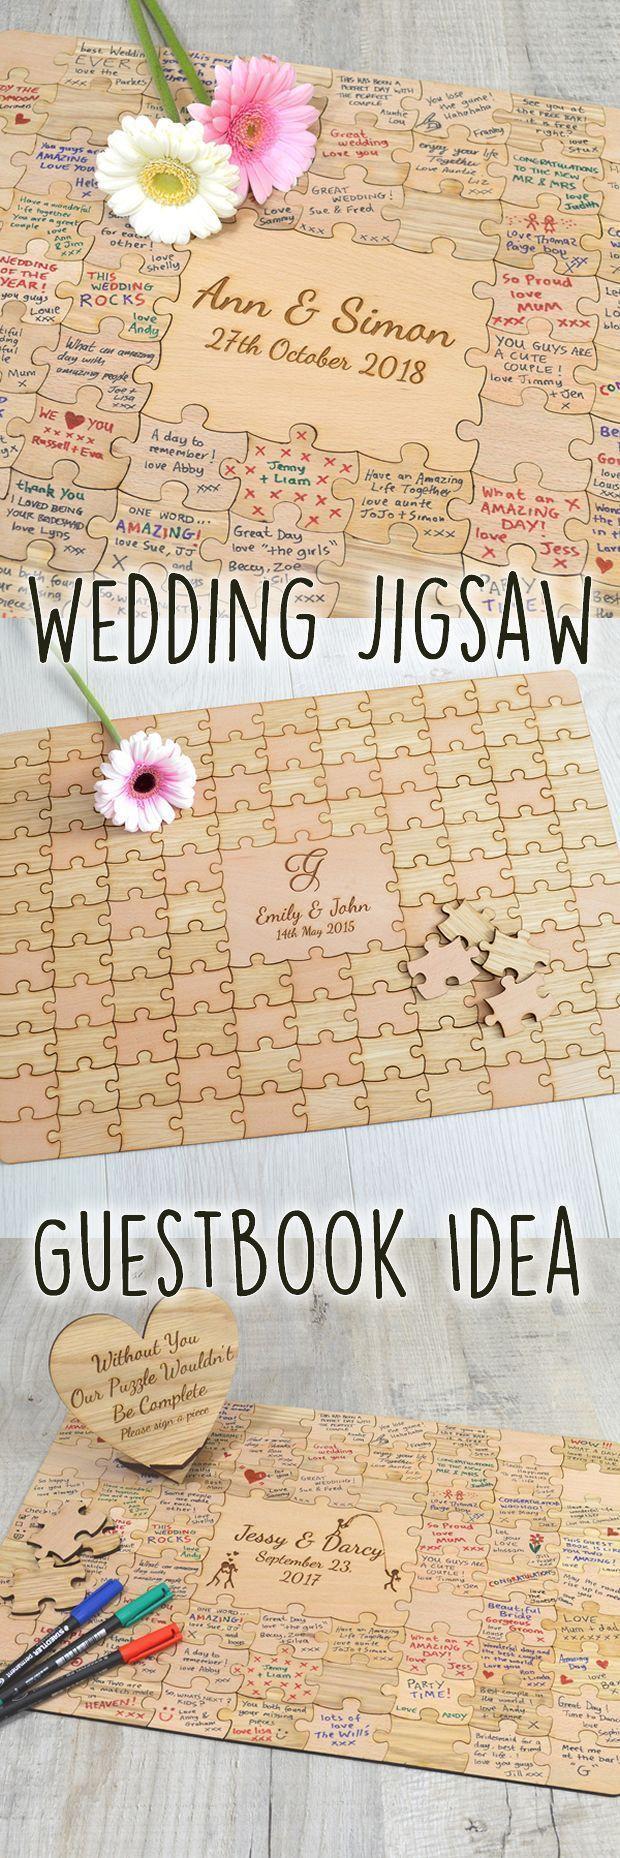 cool Wir stellen Ihnen unser schönes Hochzeits-Puzzleteil-Gästebuch vor. Erfun…